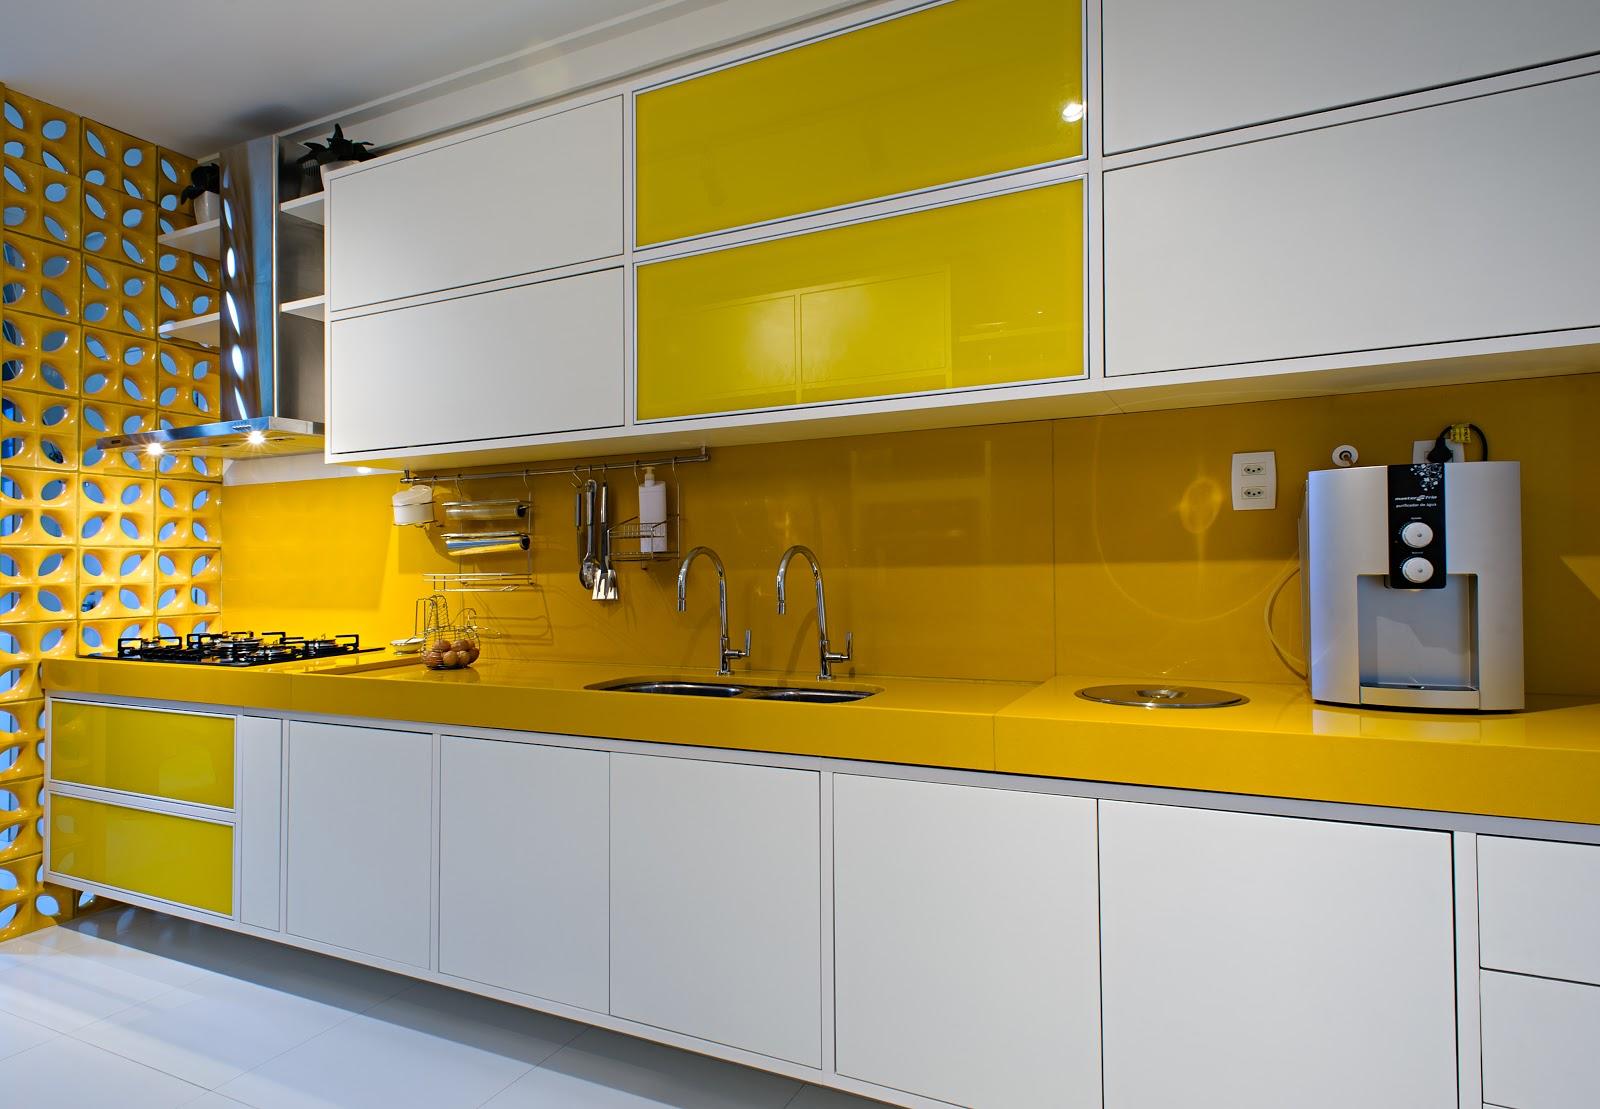 uso do marmoglass amarelo em bancada de cozinha prática